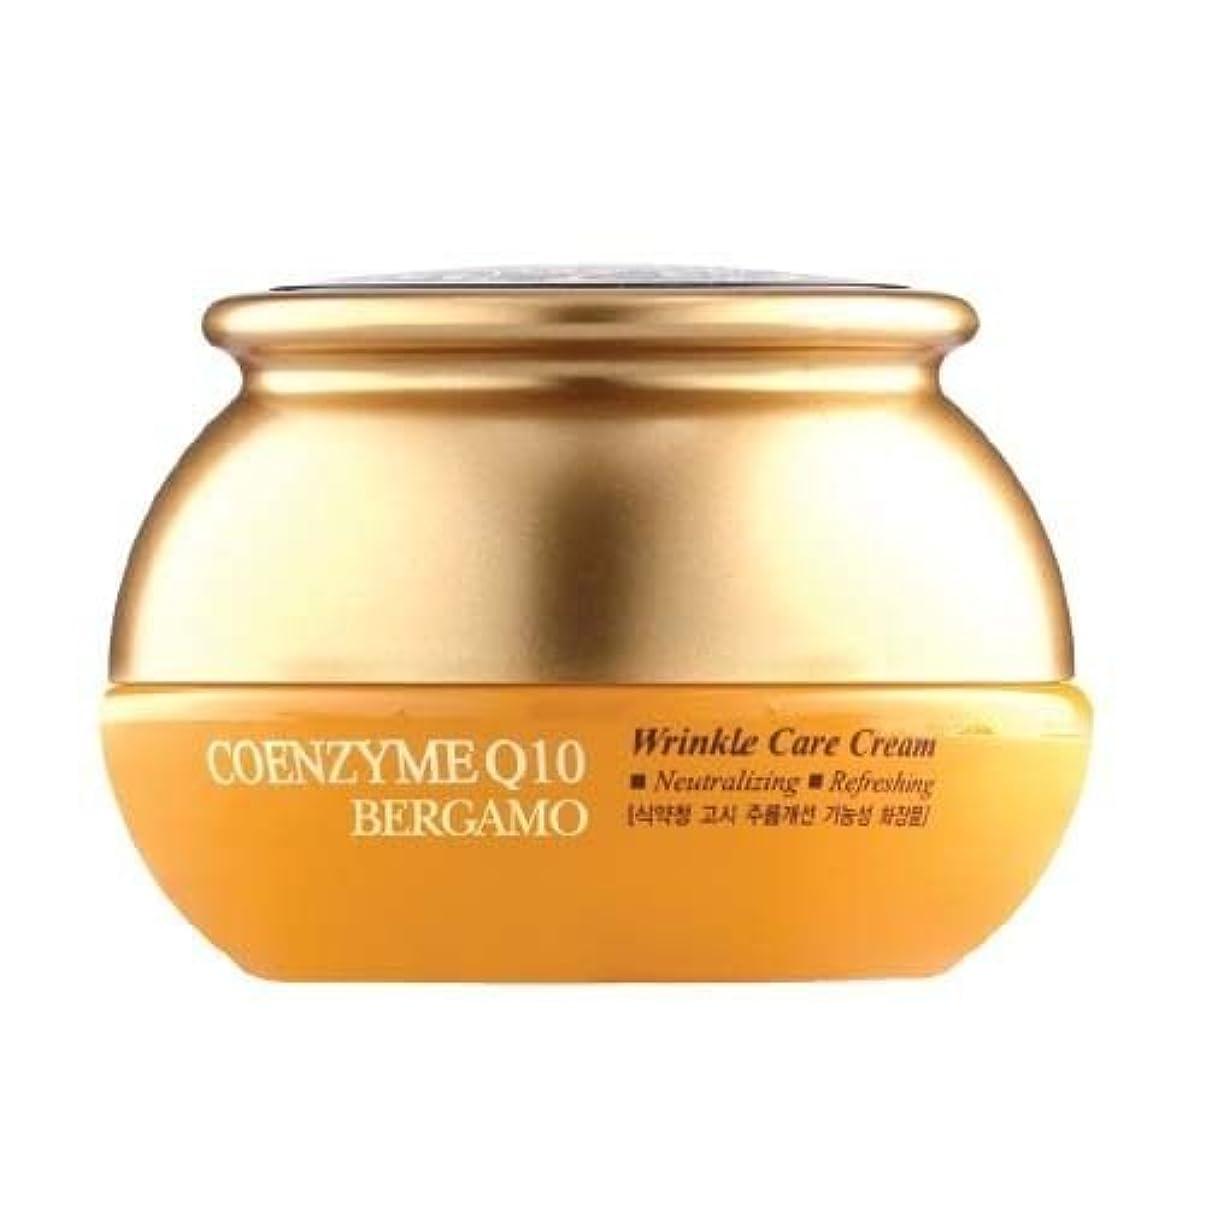 ドアミラー負荷心配するベルガモ[韓国コスメBergamo]Coenzyme Q10 Wrinkle Care Cream コエンザイムQ10リンクルケアクリーム50ml しわ管理 [並行輸入品]